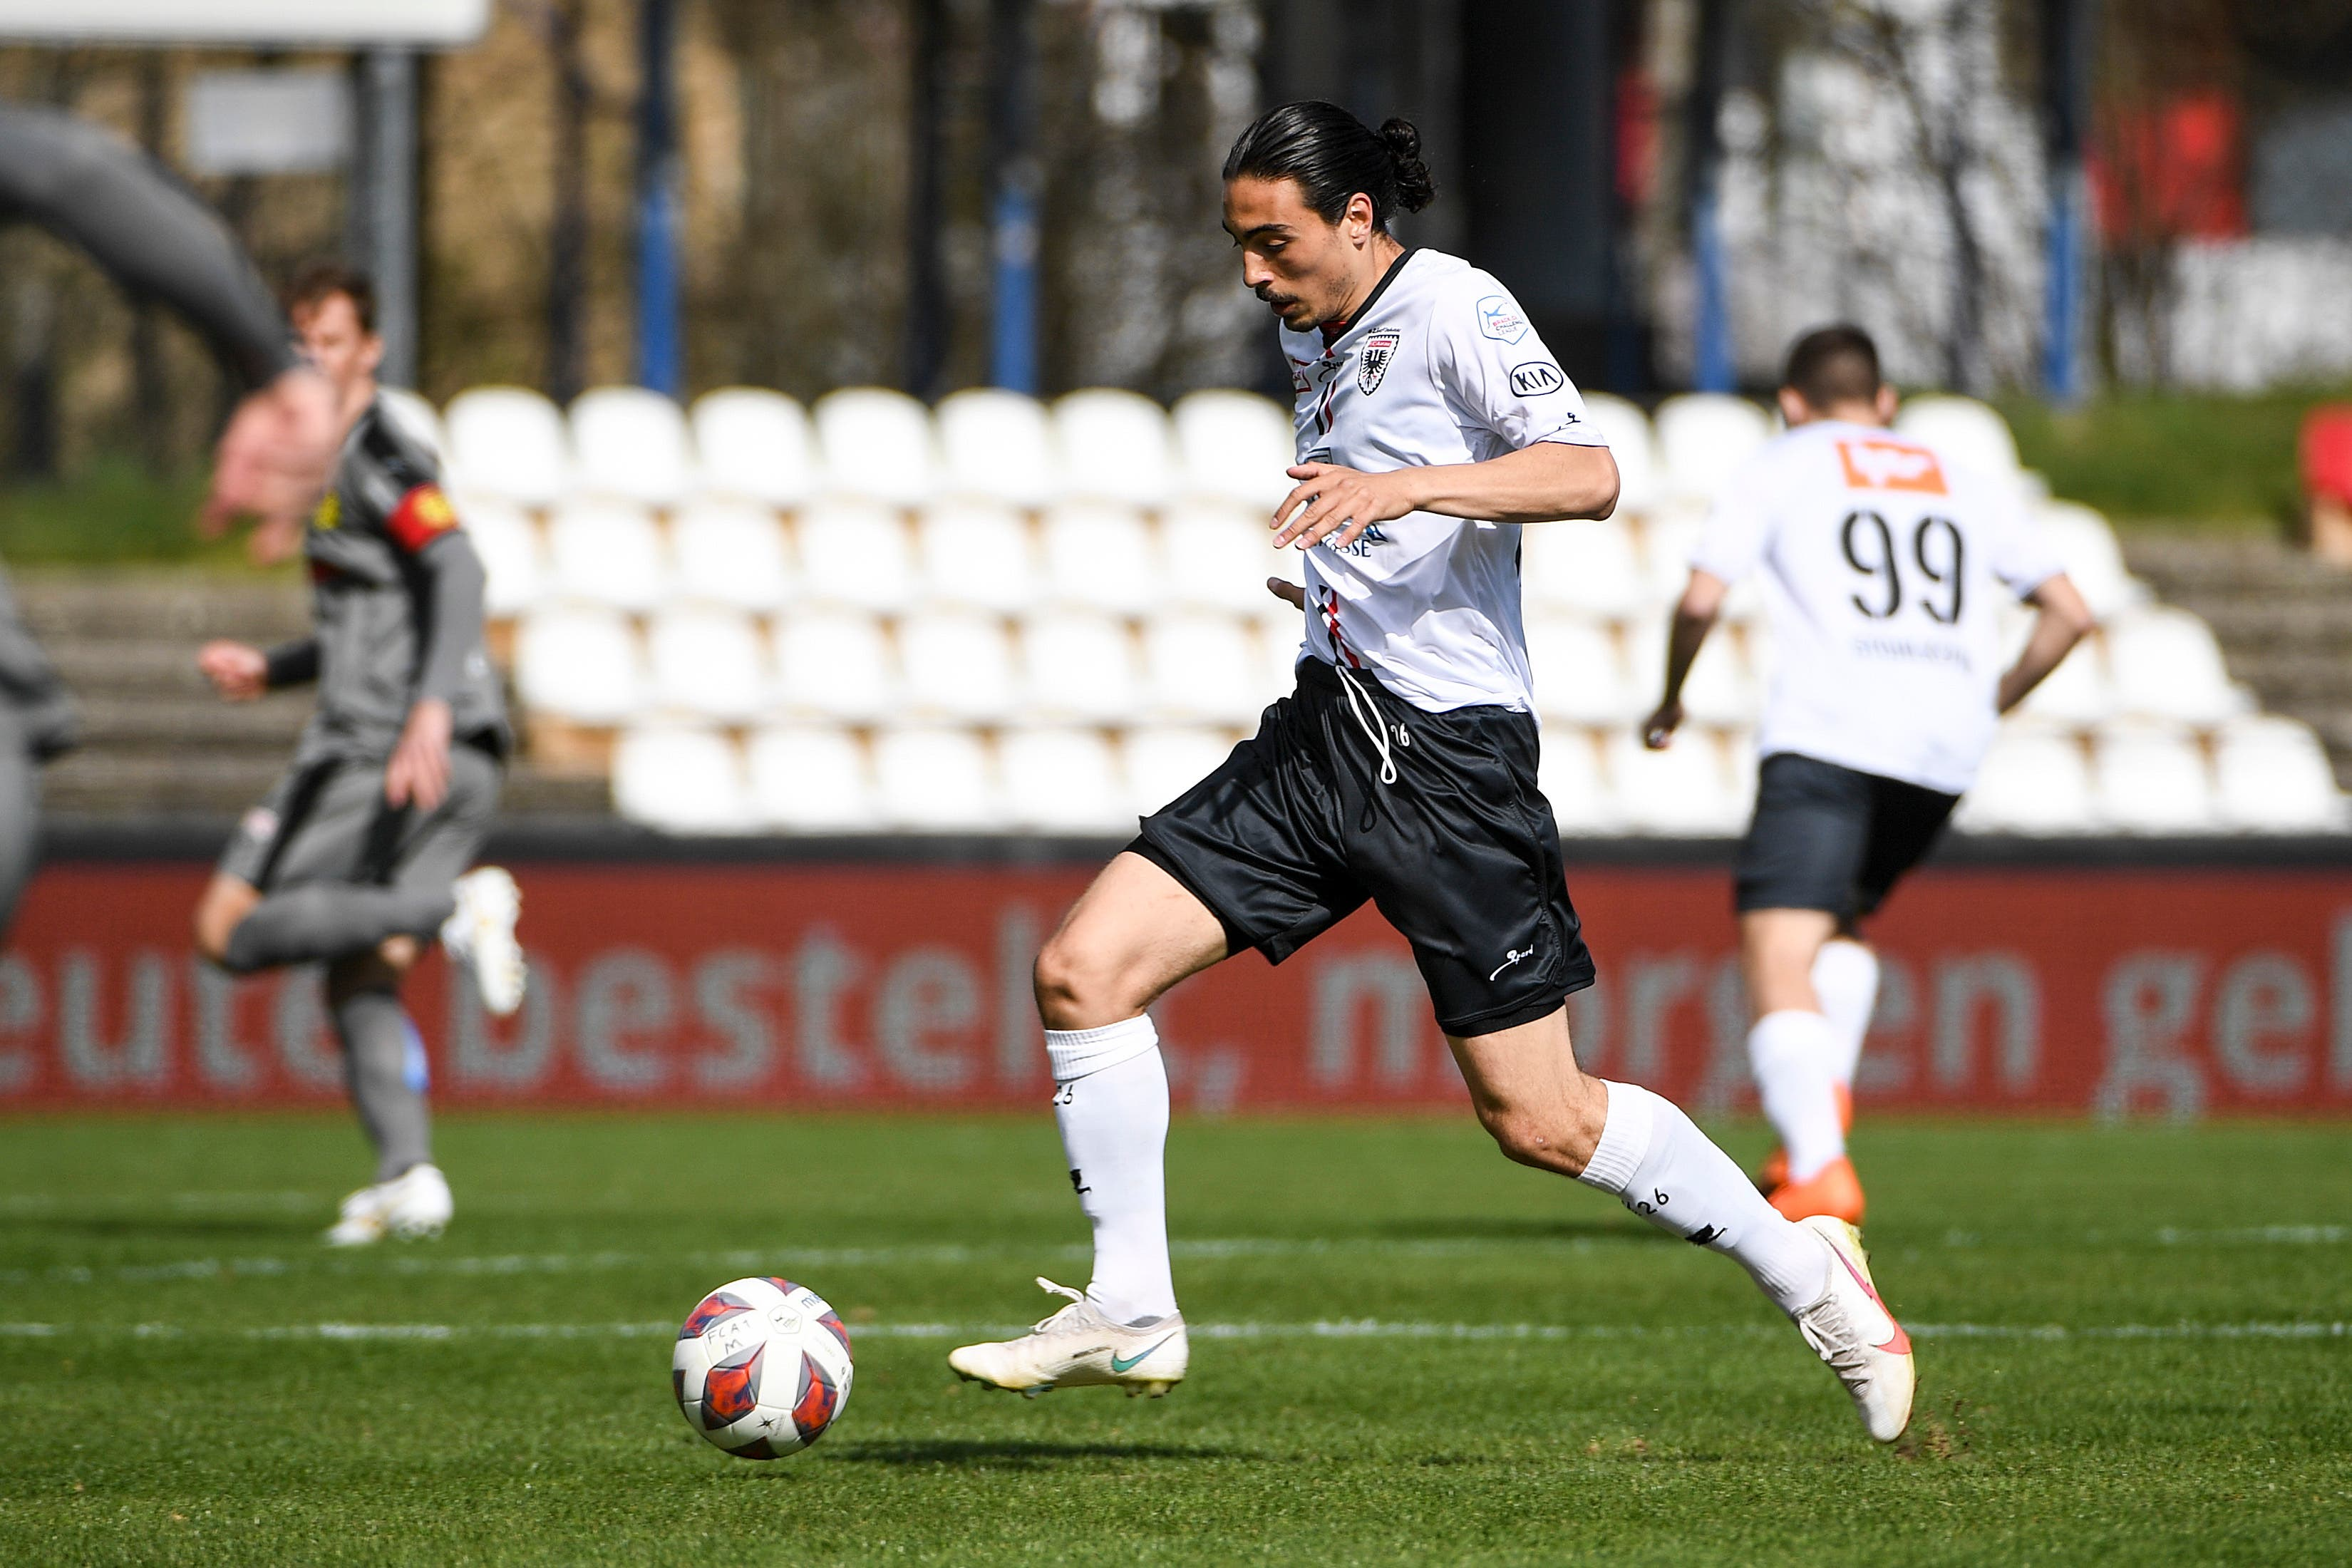 Mickael Almeida ist einer der Aktivposten in der Startphase und setzt seine Mitspieler mehrere Male gut in Szene.